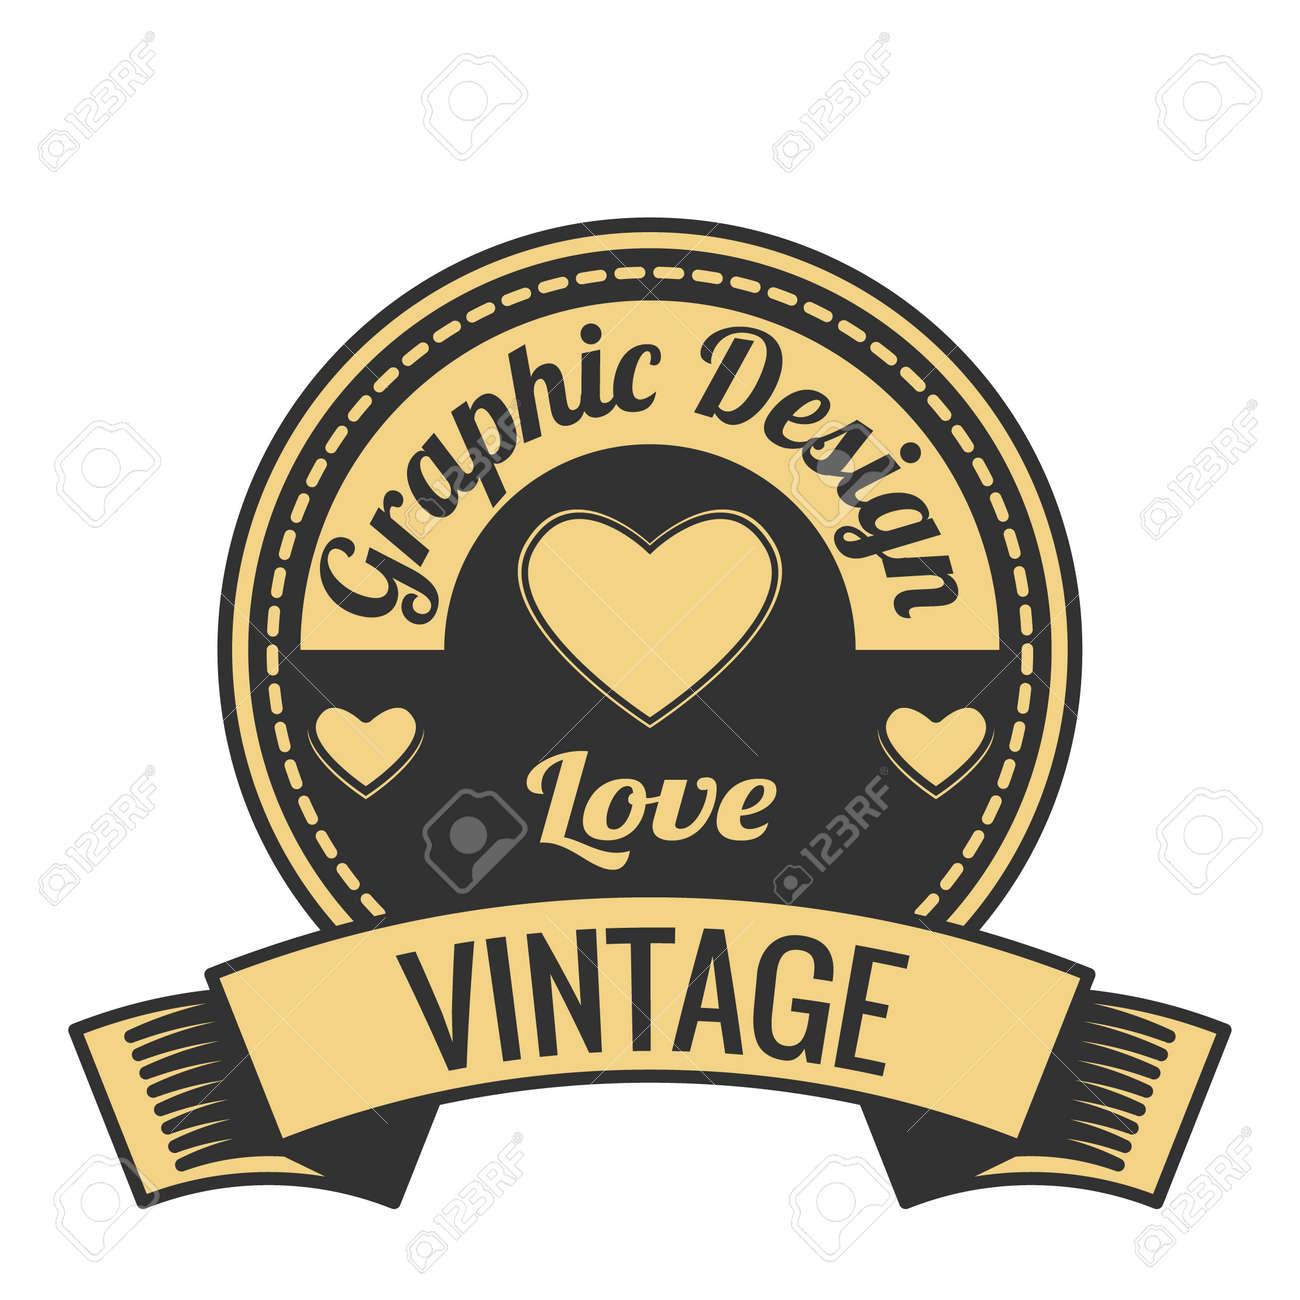 vintage badge logo concept